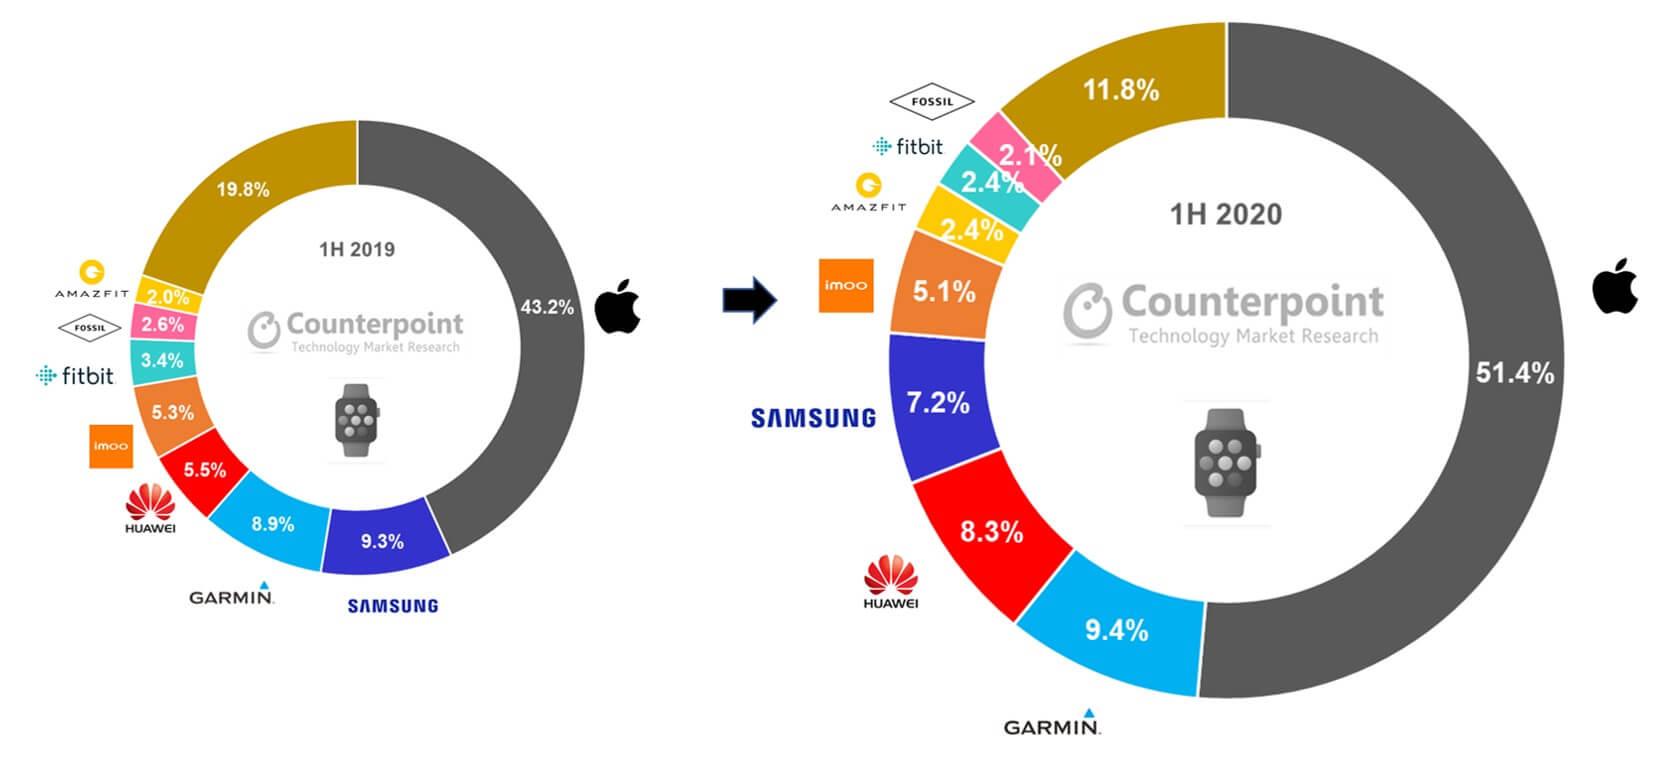 Smartwatch-Verkäufe weltweit 1/2020 - 1/2019 - Infografik - Counterpoint Research